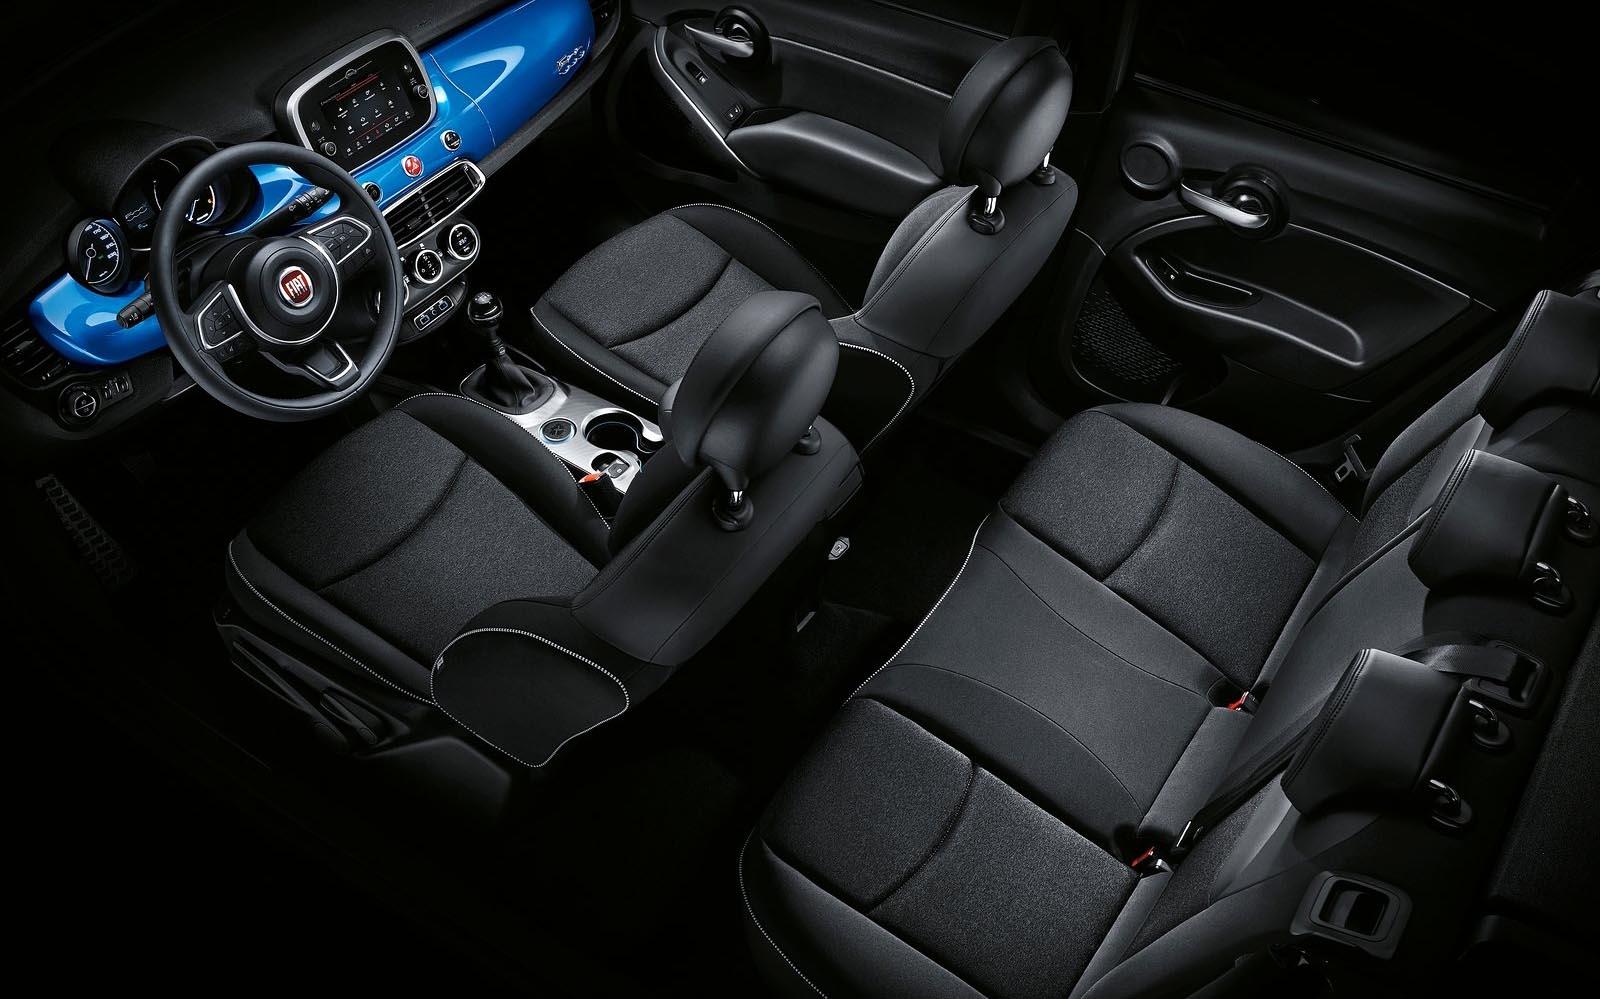 Photo of Ανάκληση FIAT 500Χ για έλεγχο των ζωνών ασφαλείας των πίσω καθισµάτων